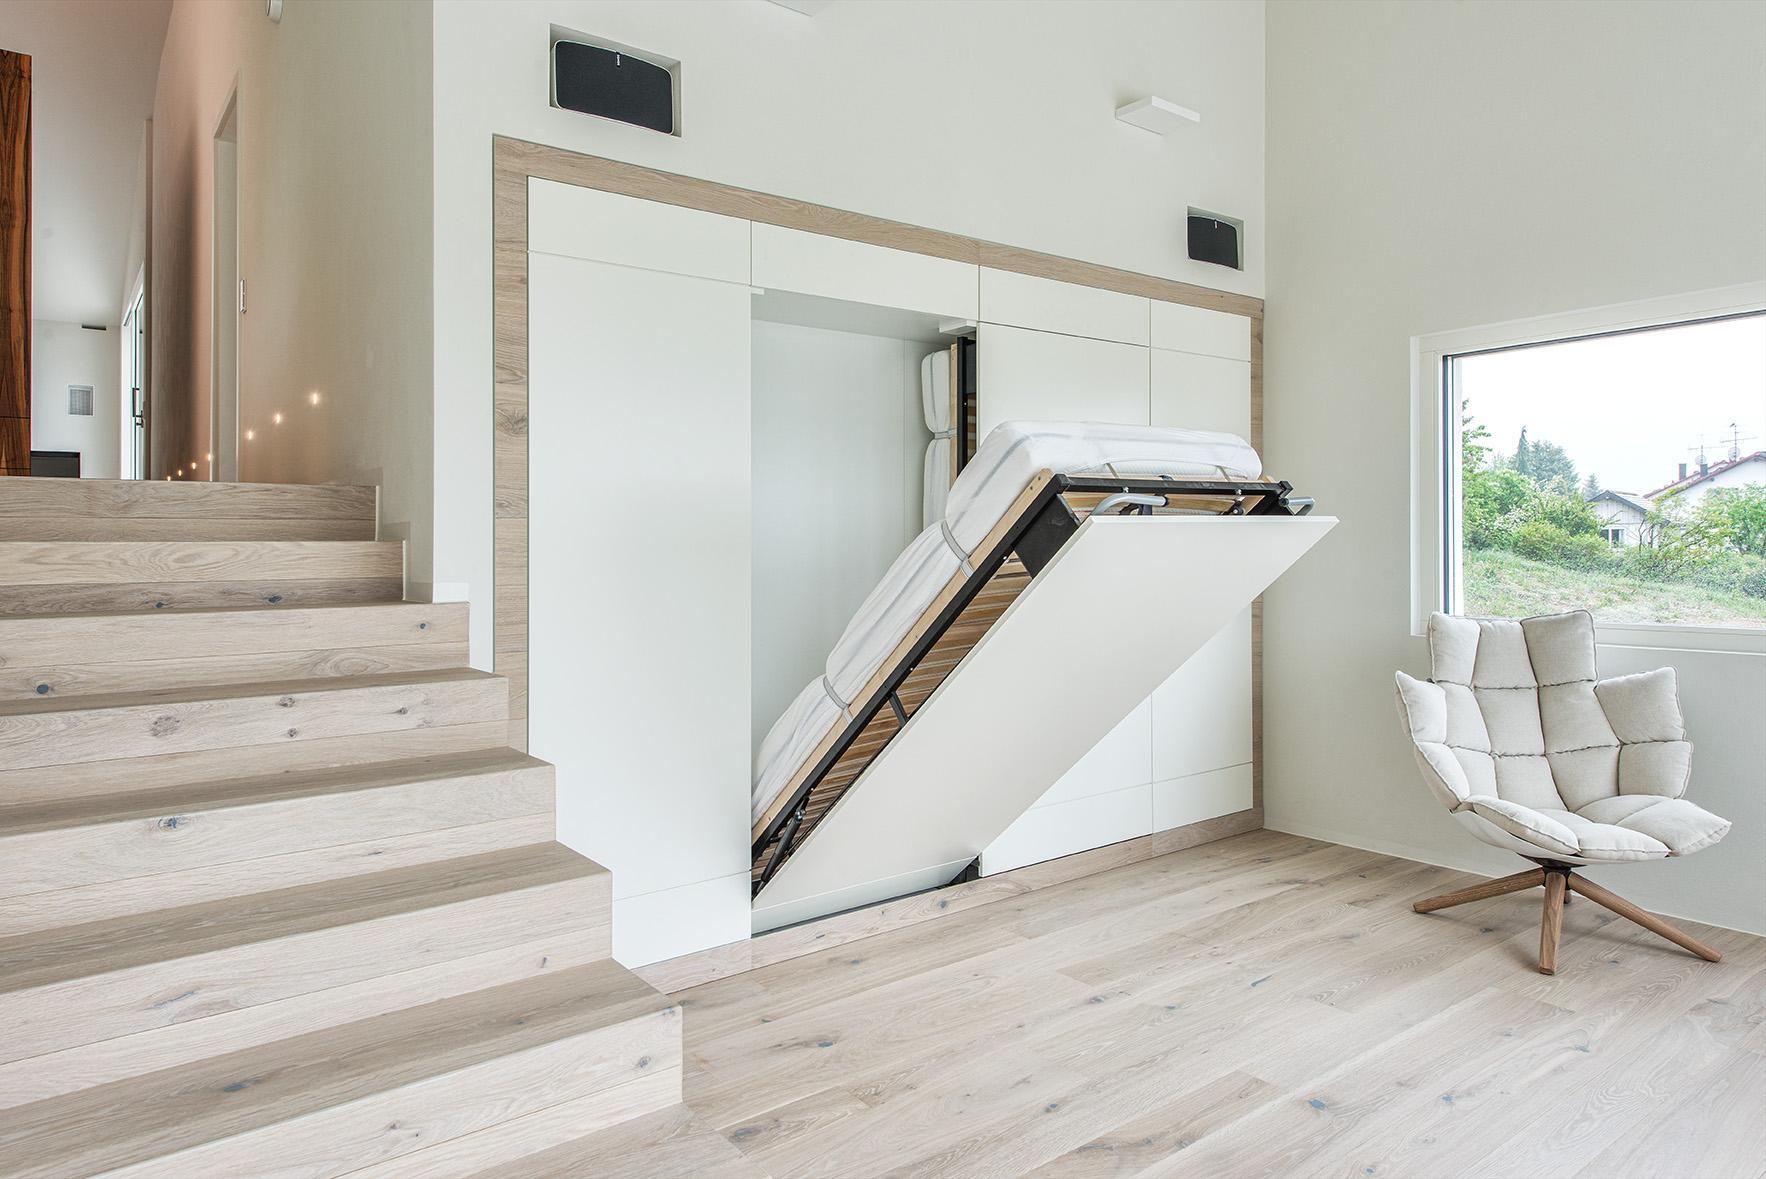 ankleiden schreinerei dolch reiner gmbh co kg moderne. Black Bedroom Furniture Sets. Home Design Ideas